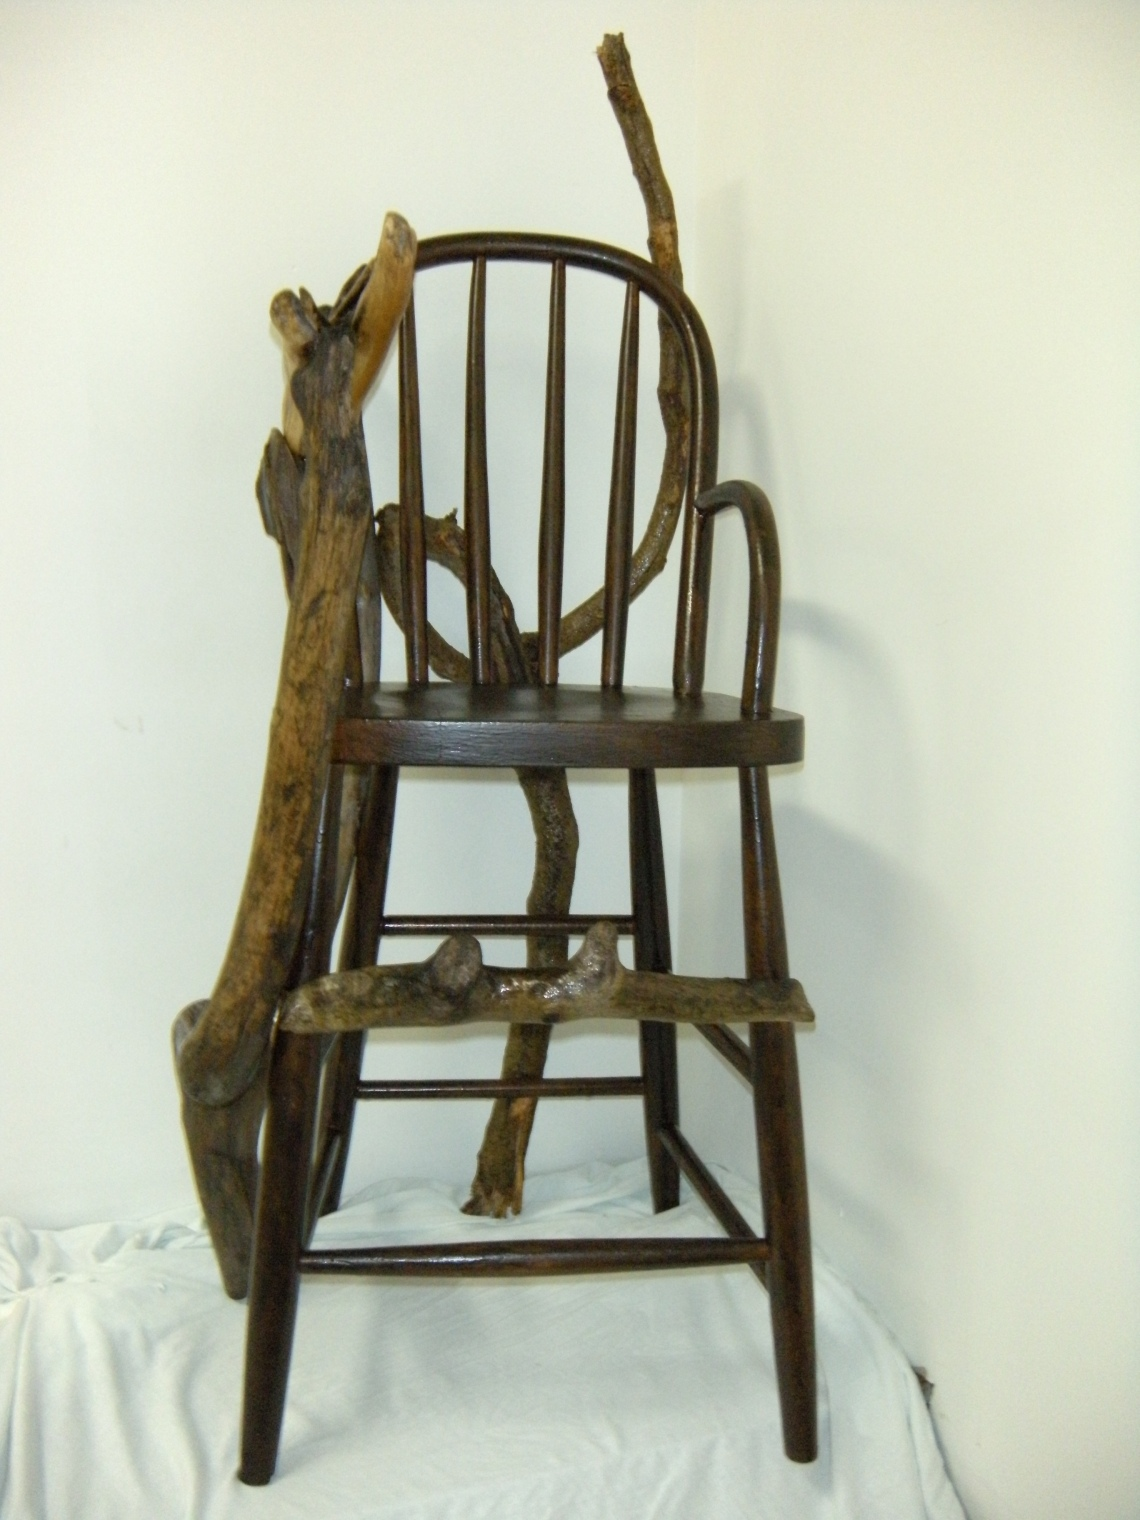 Resurrection Chair (2009) wood. Artist Julianna Paradisi